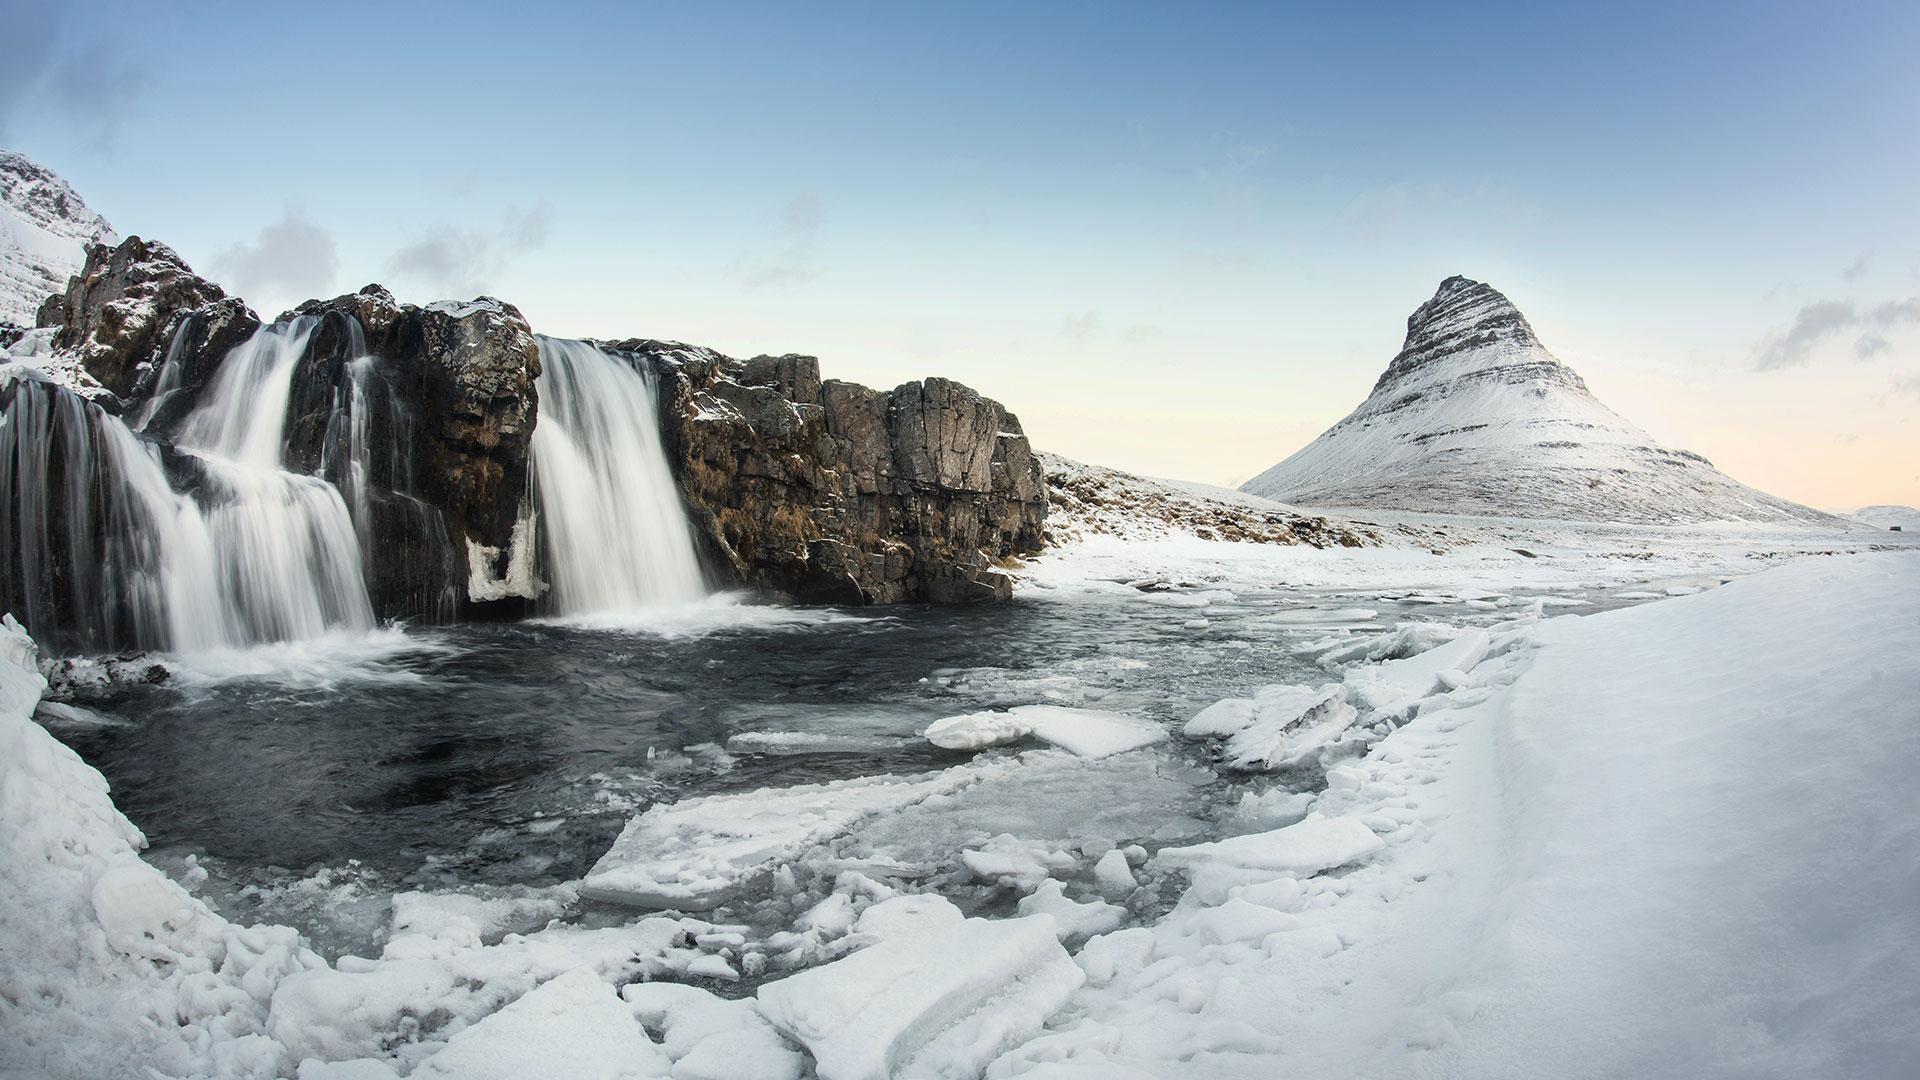 kirkjufell-water-falls-snaefellsnes-west-iceland-winter